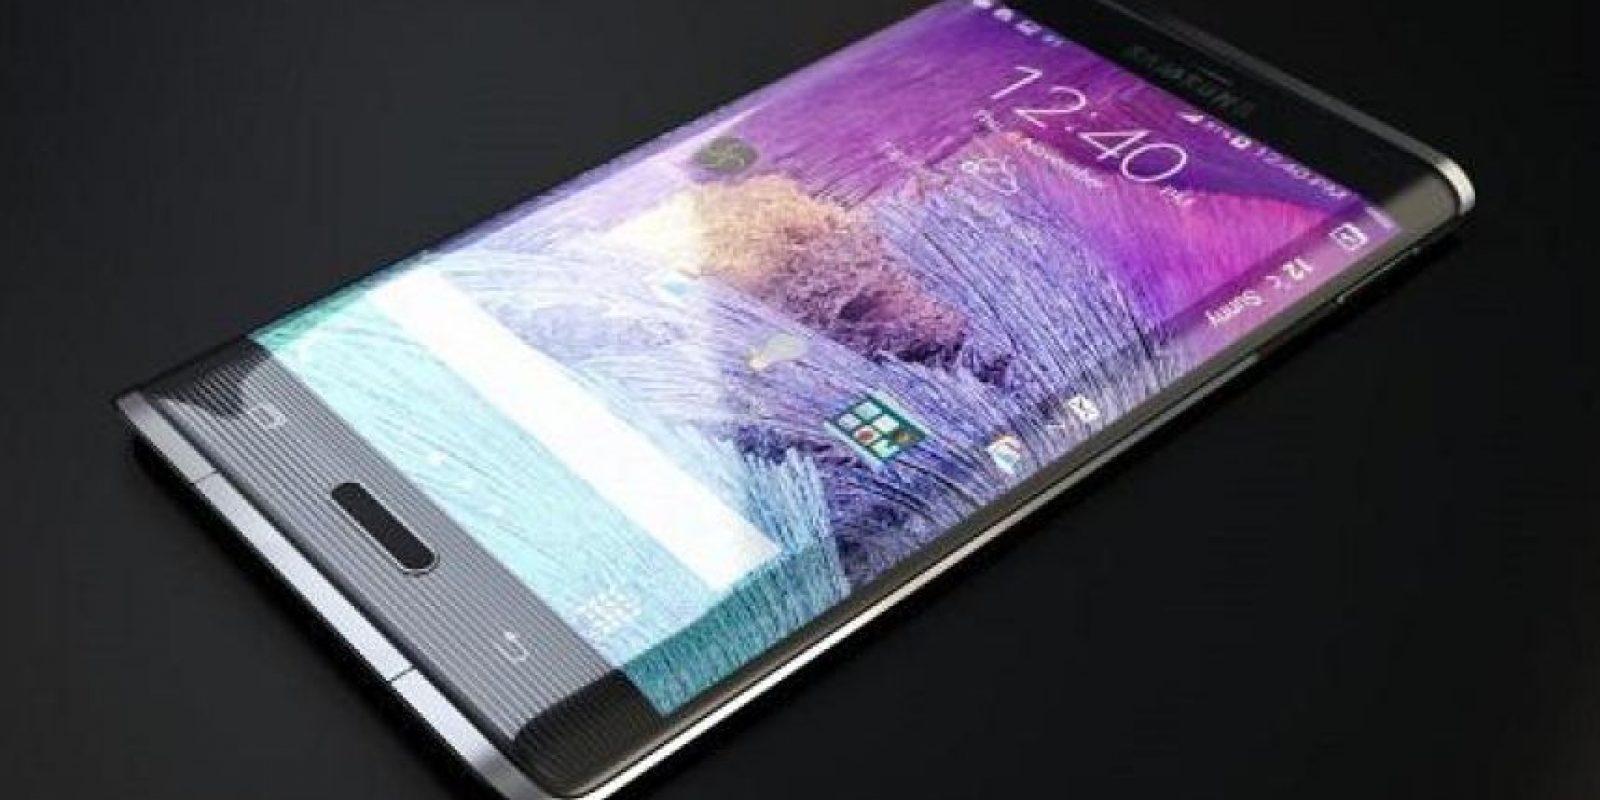 Otra novedad en el teléfono es la redondez de los bordes, que tendrá una función de barra de herramientas. Foto:Twitter @SamsungMobile